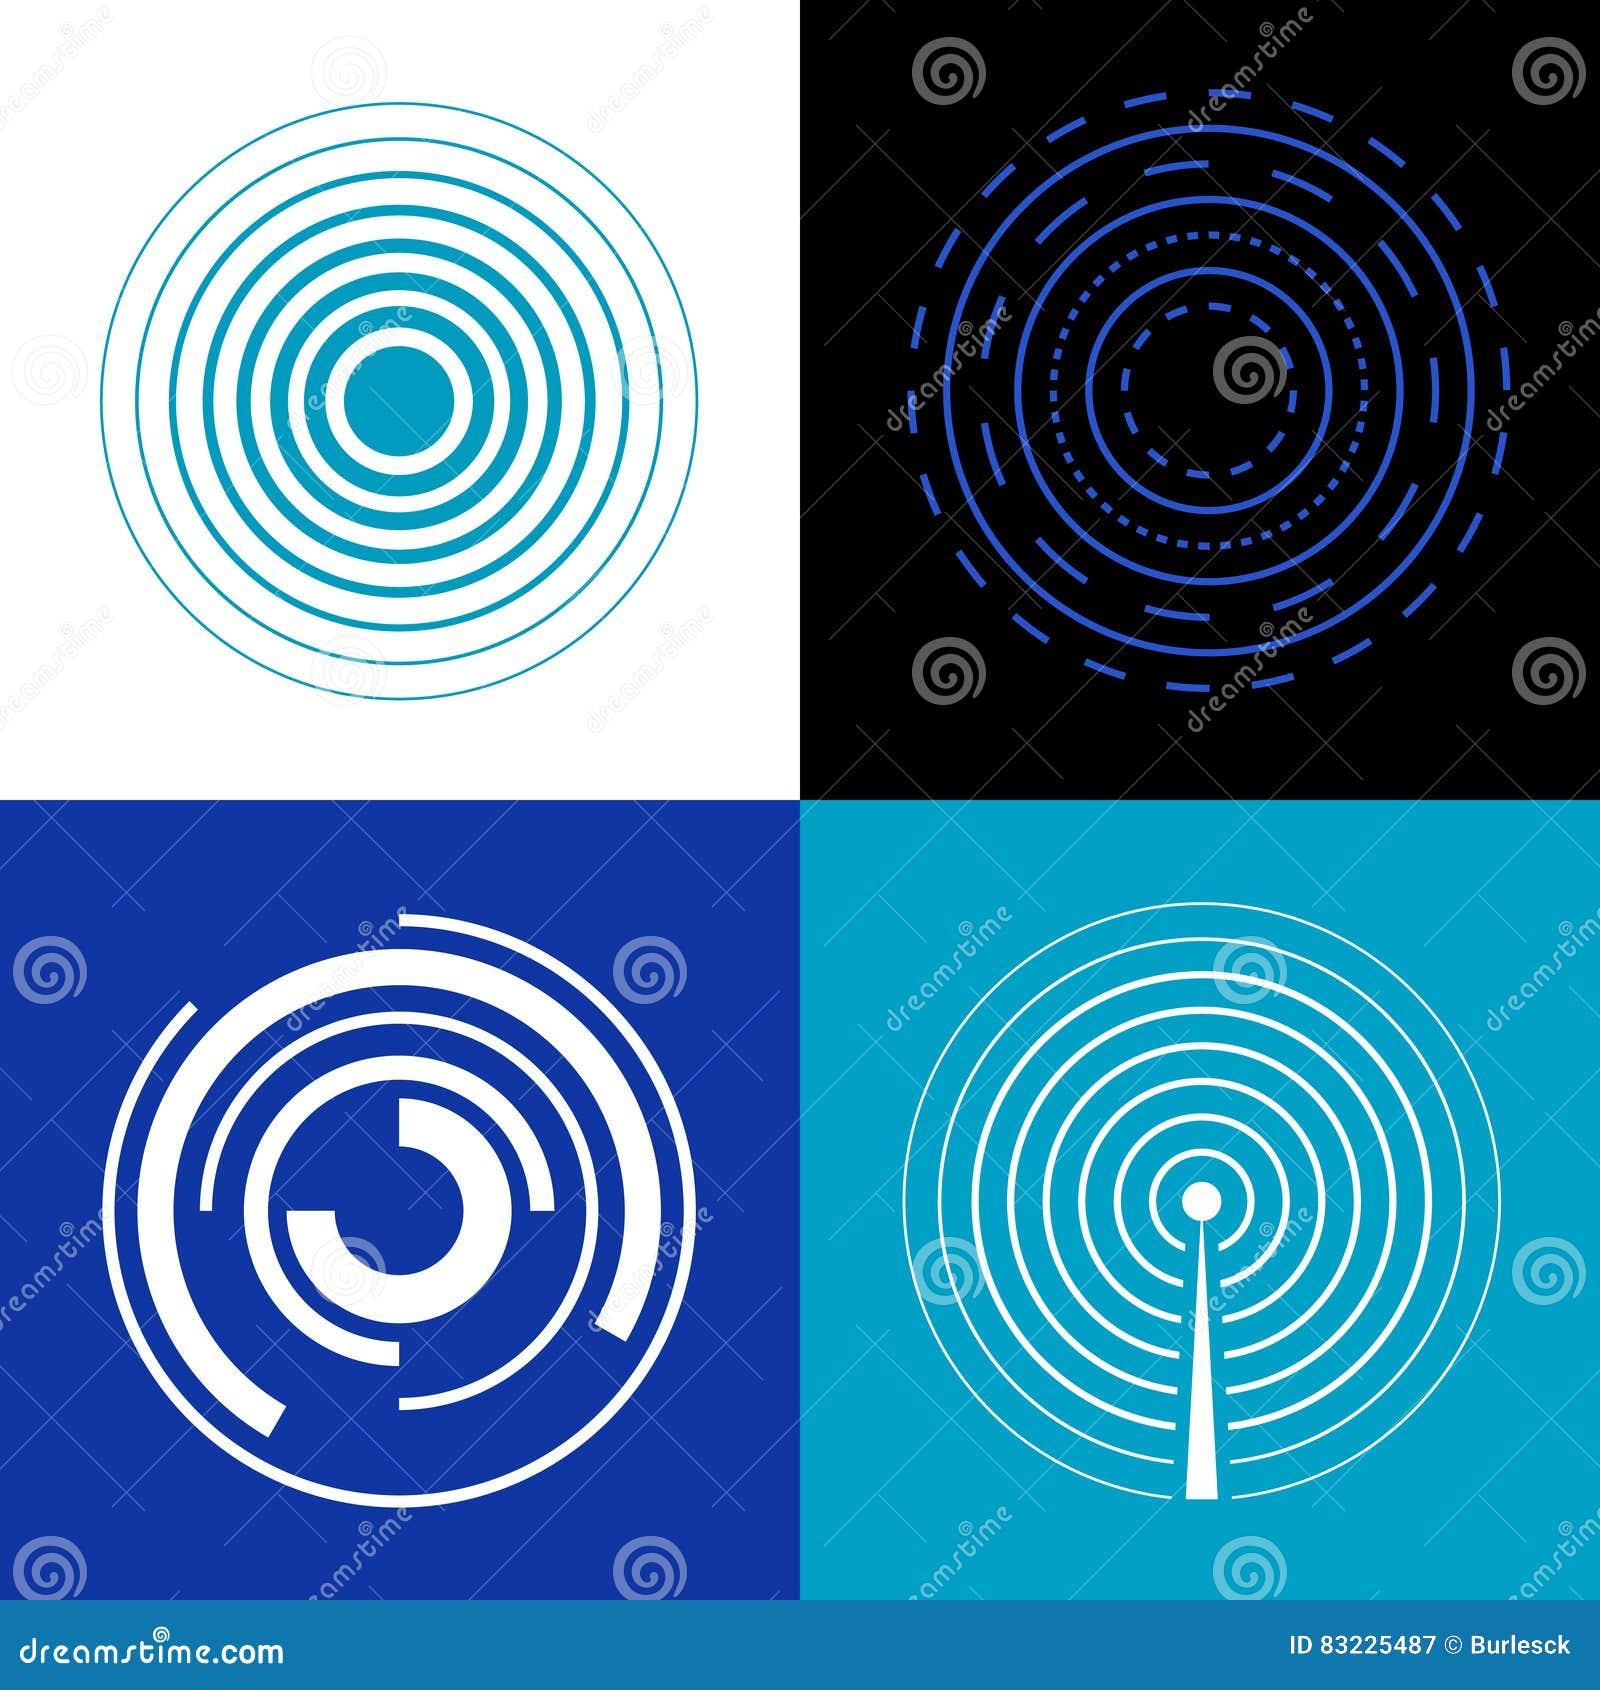 Μπλε κύματα σημάτων κύκλων Παράγετε τα διανυσματικά ραδιο σήματα ήχου ή ραντάρ